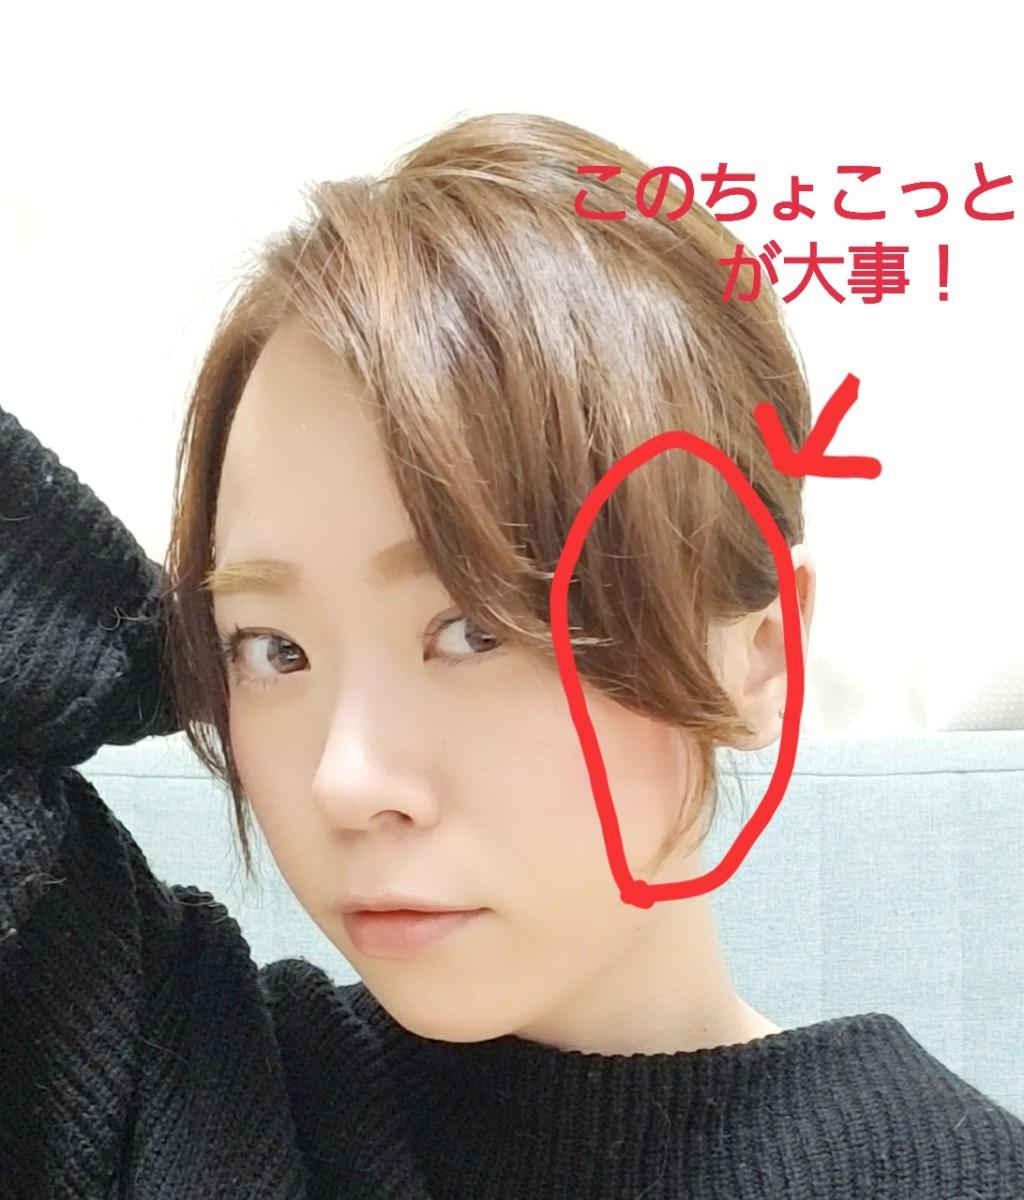 【脱・おばさん!】ちょっとの違いでおばさん見えする髪型に要注意!